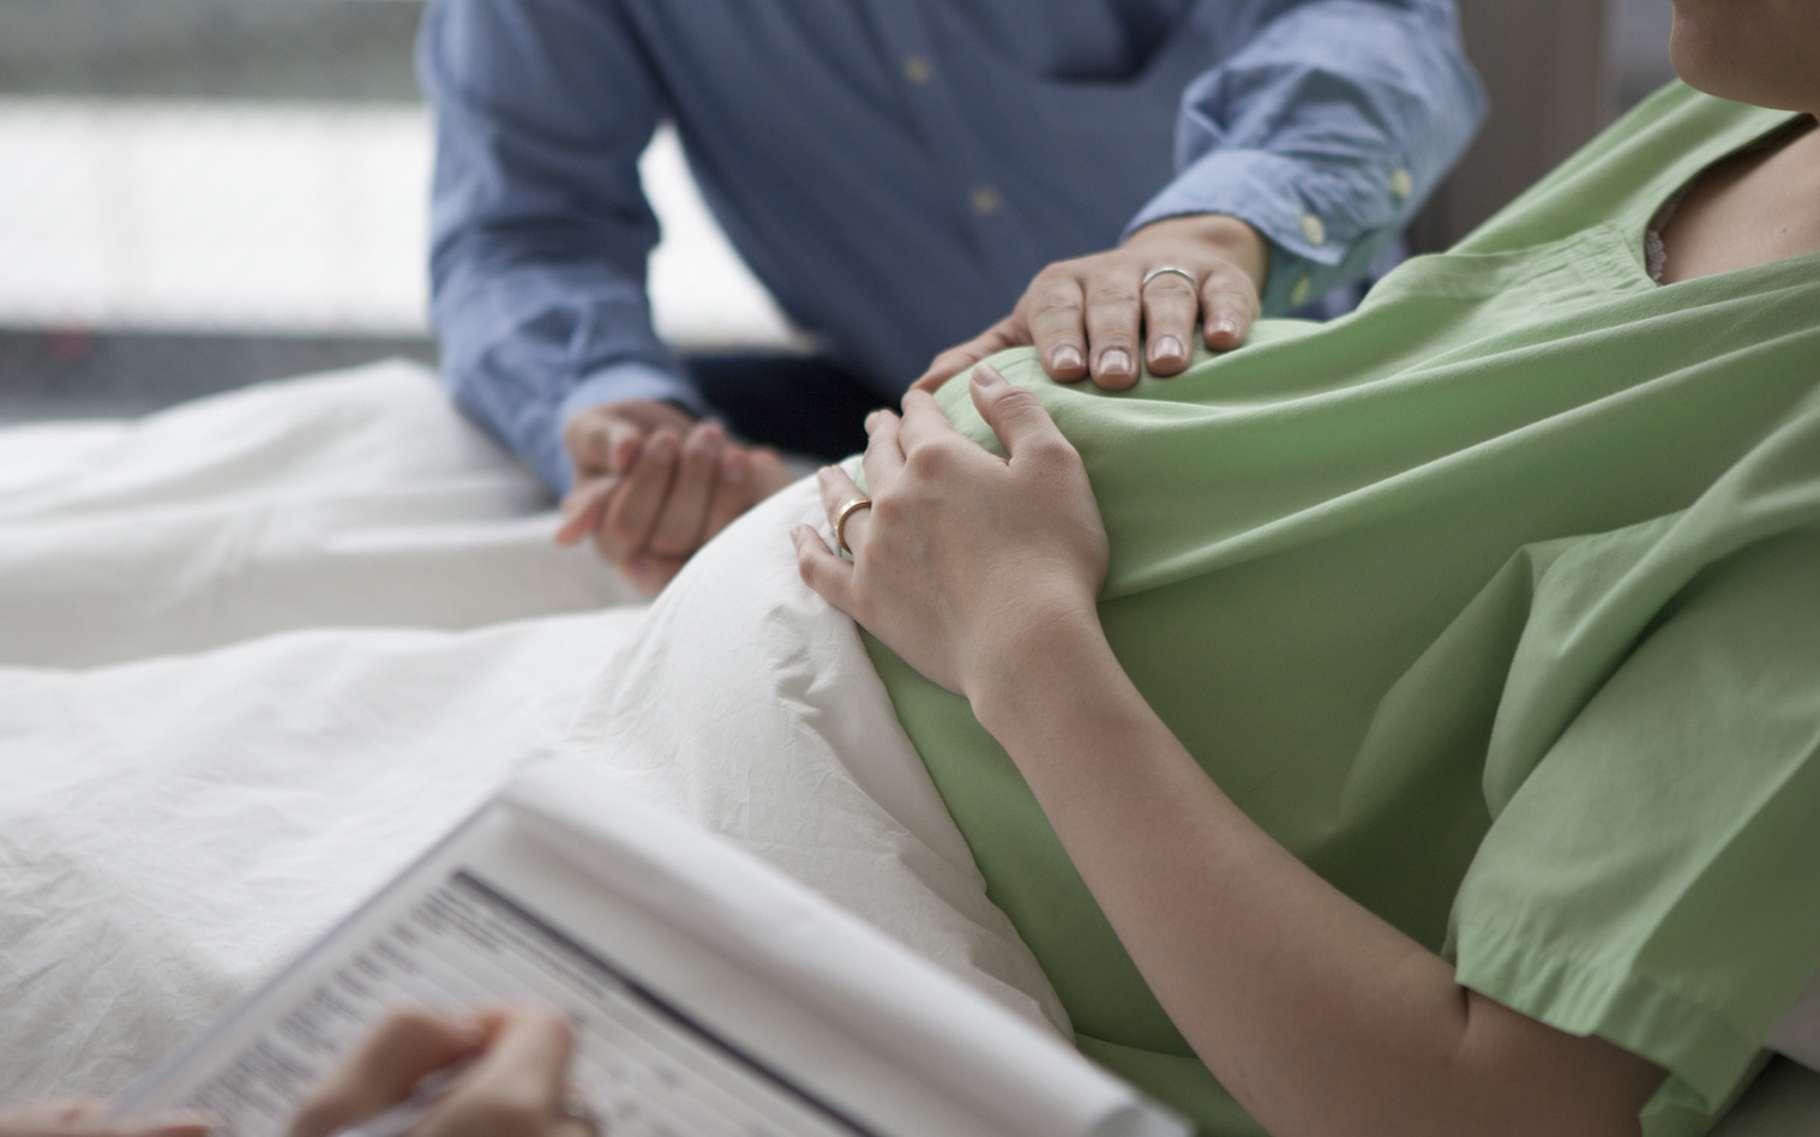 Les douleurs de l'accouchement pourraient-elles être atténuées par le simple fait de tenir la main de l'être aimé? C'est ce qu'affirment des chercheurs aujourd'hui. © Monet, Fotolia